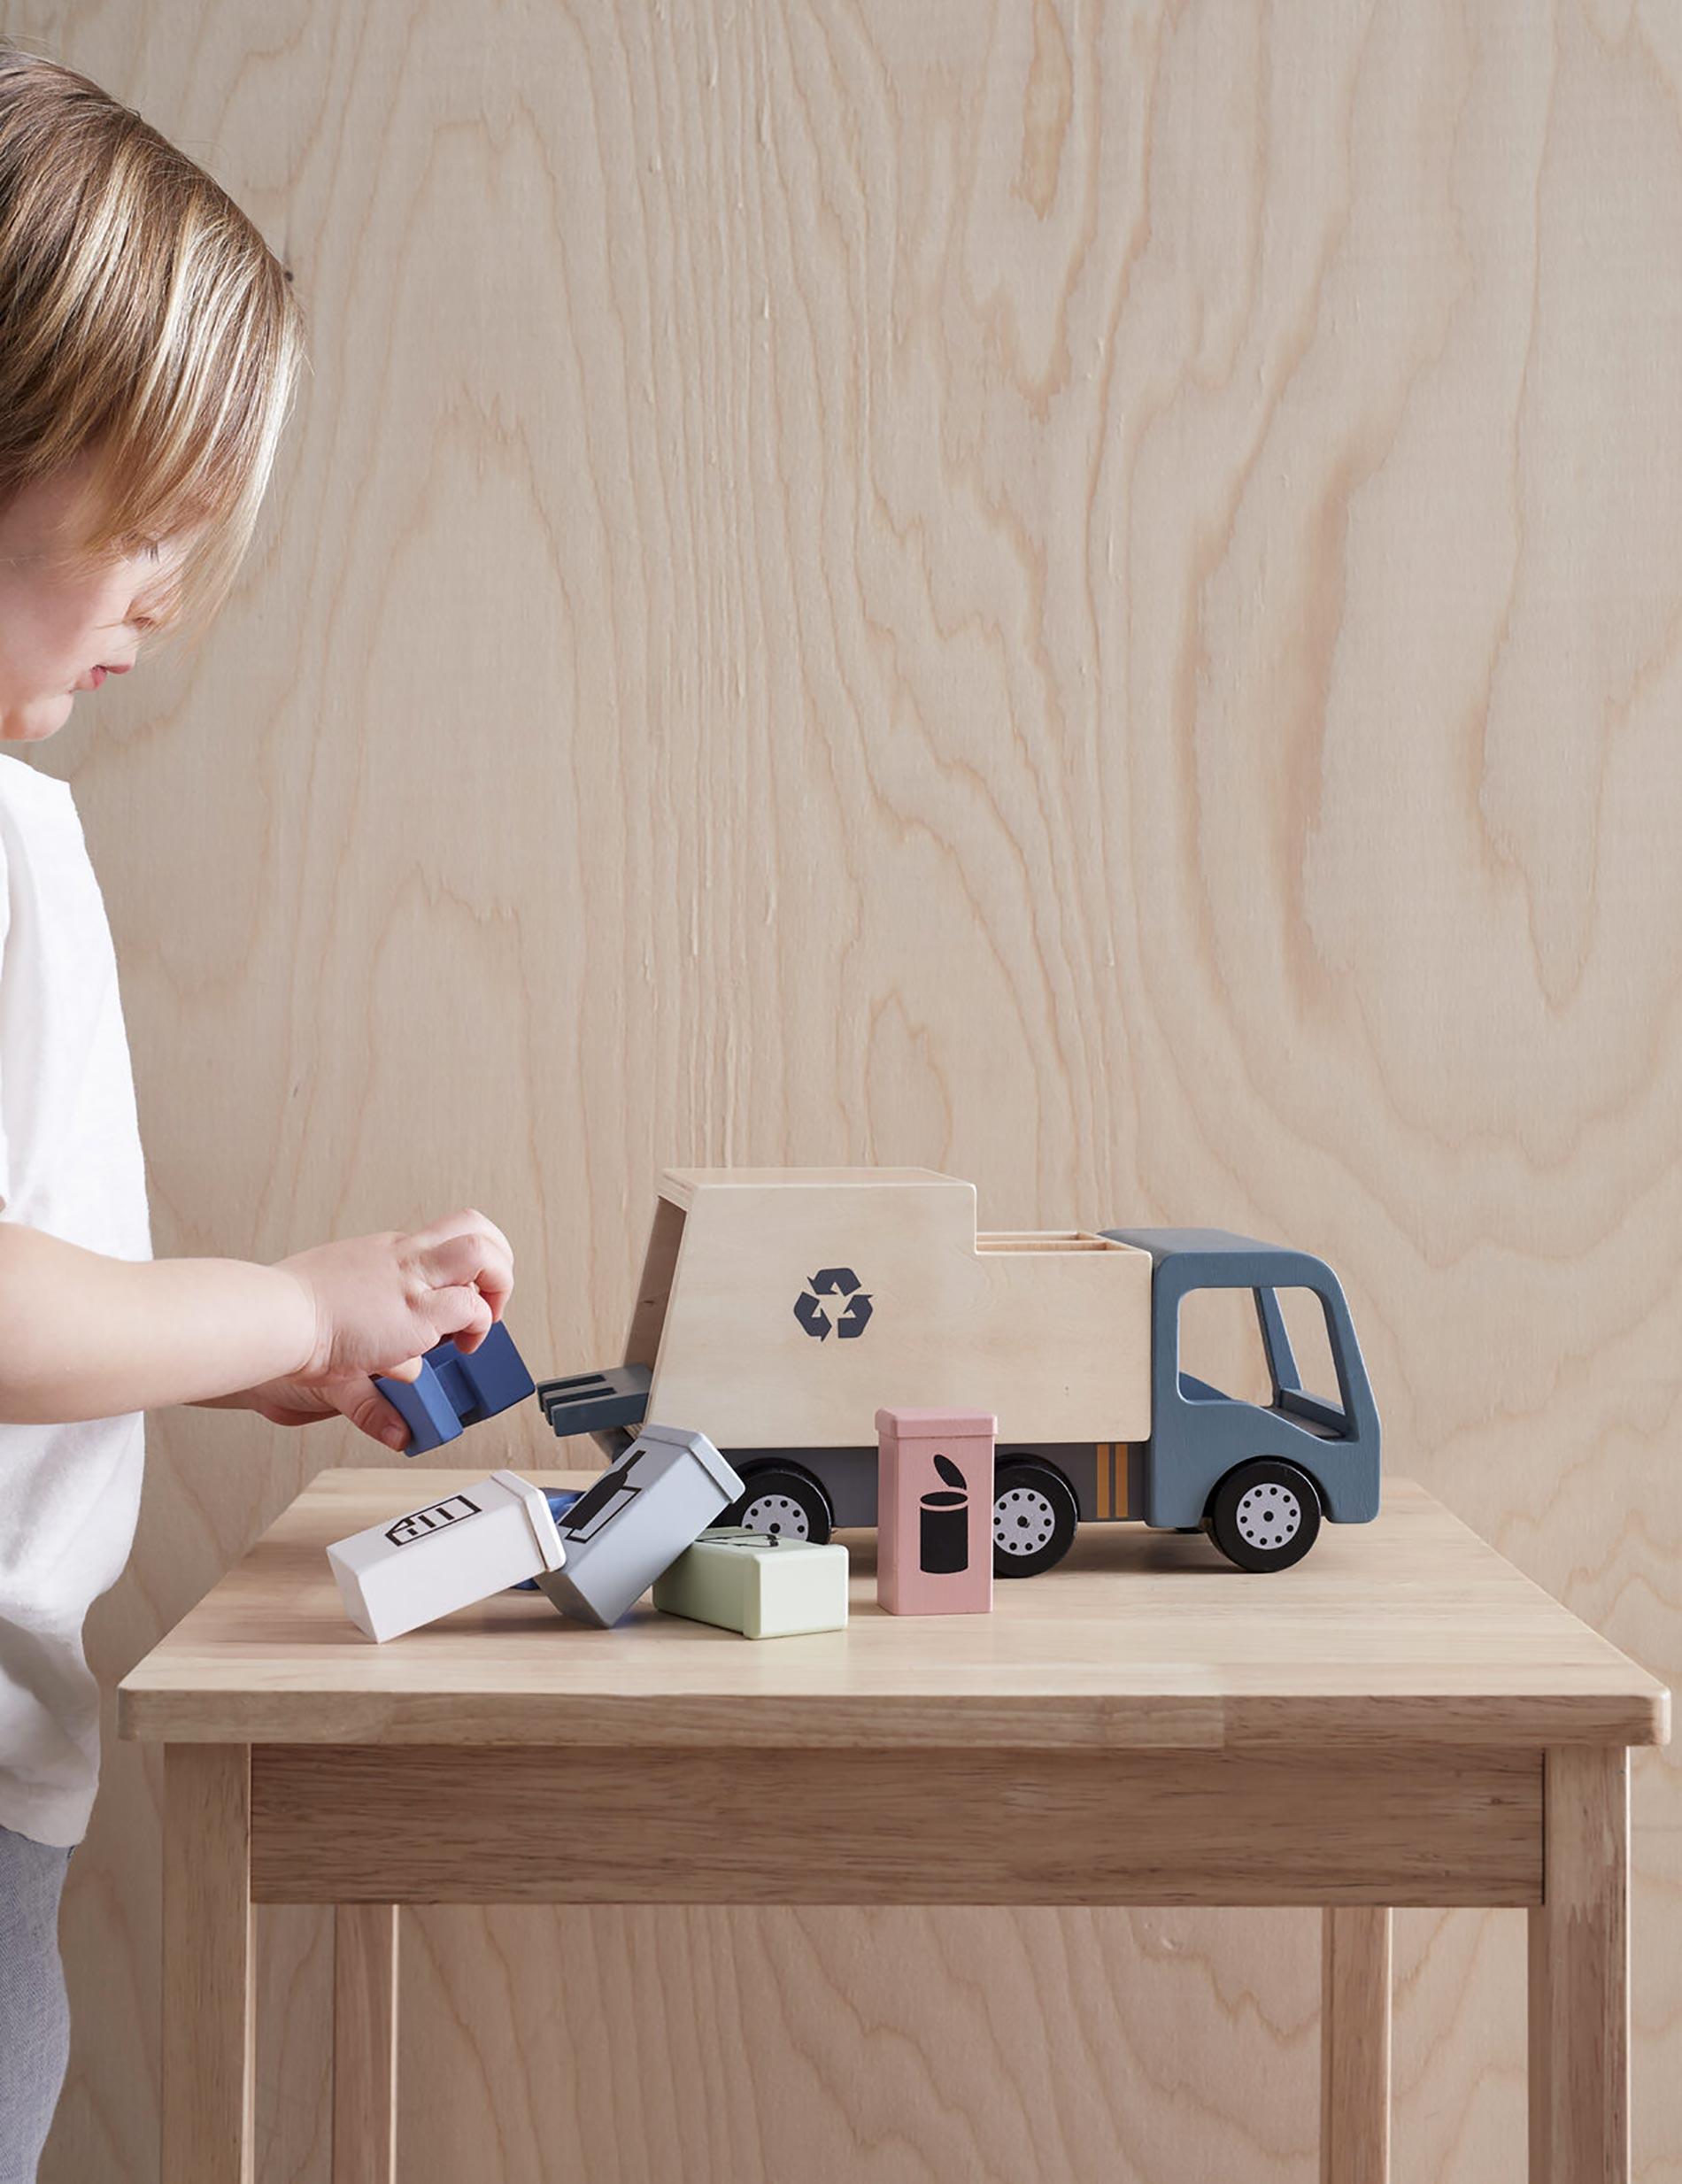 Kids Concept giocattoli di legno